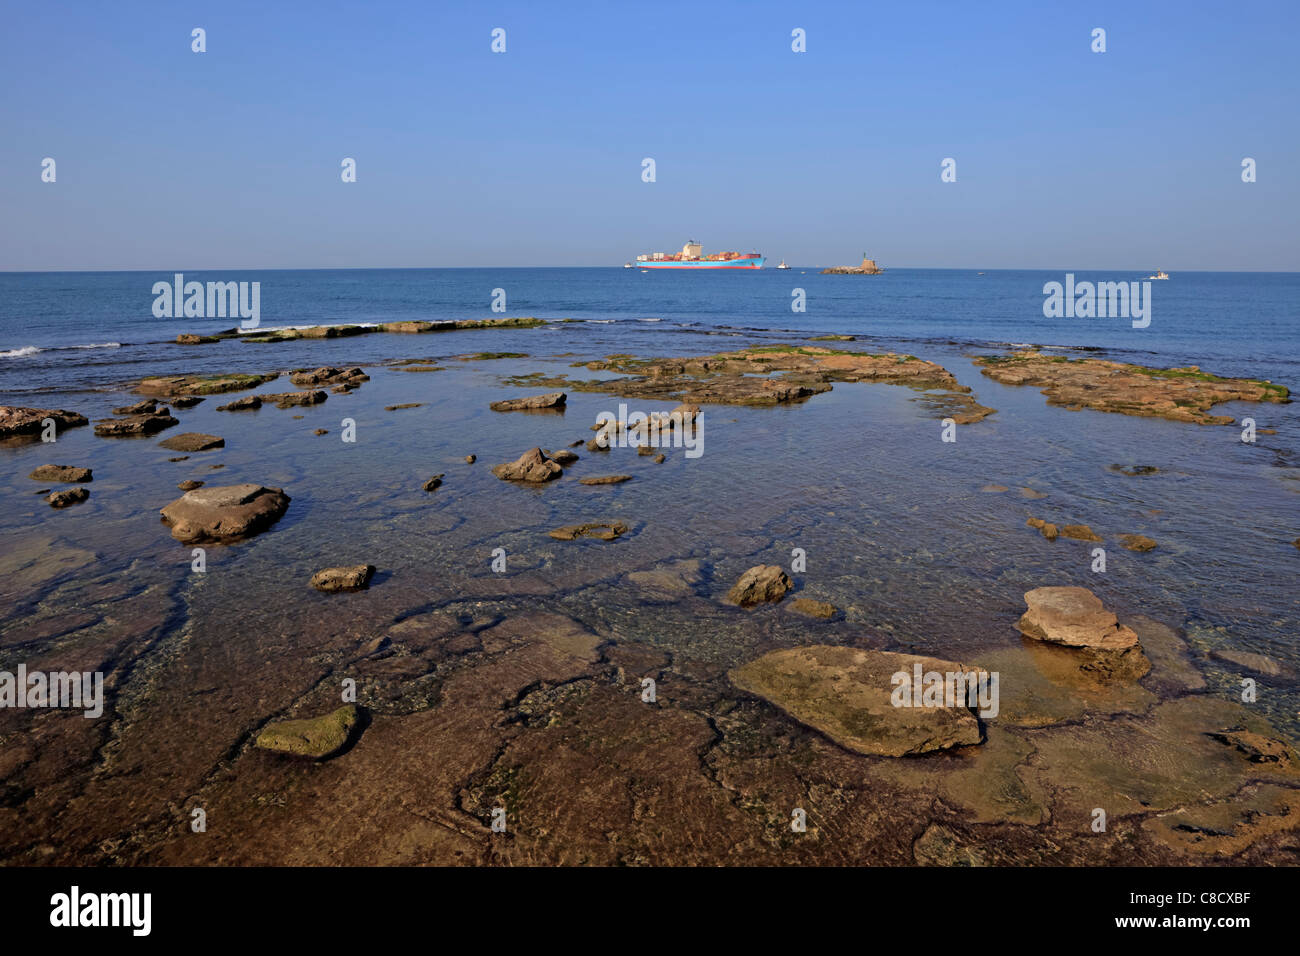 L'arcipelago di Livorno nel Mediterraneo Immagini Stock